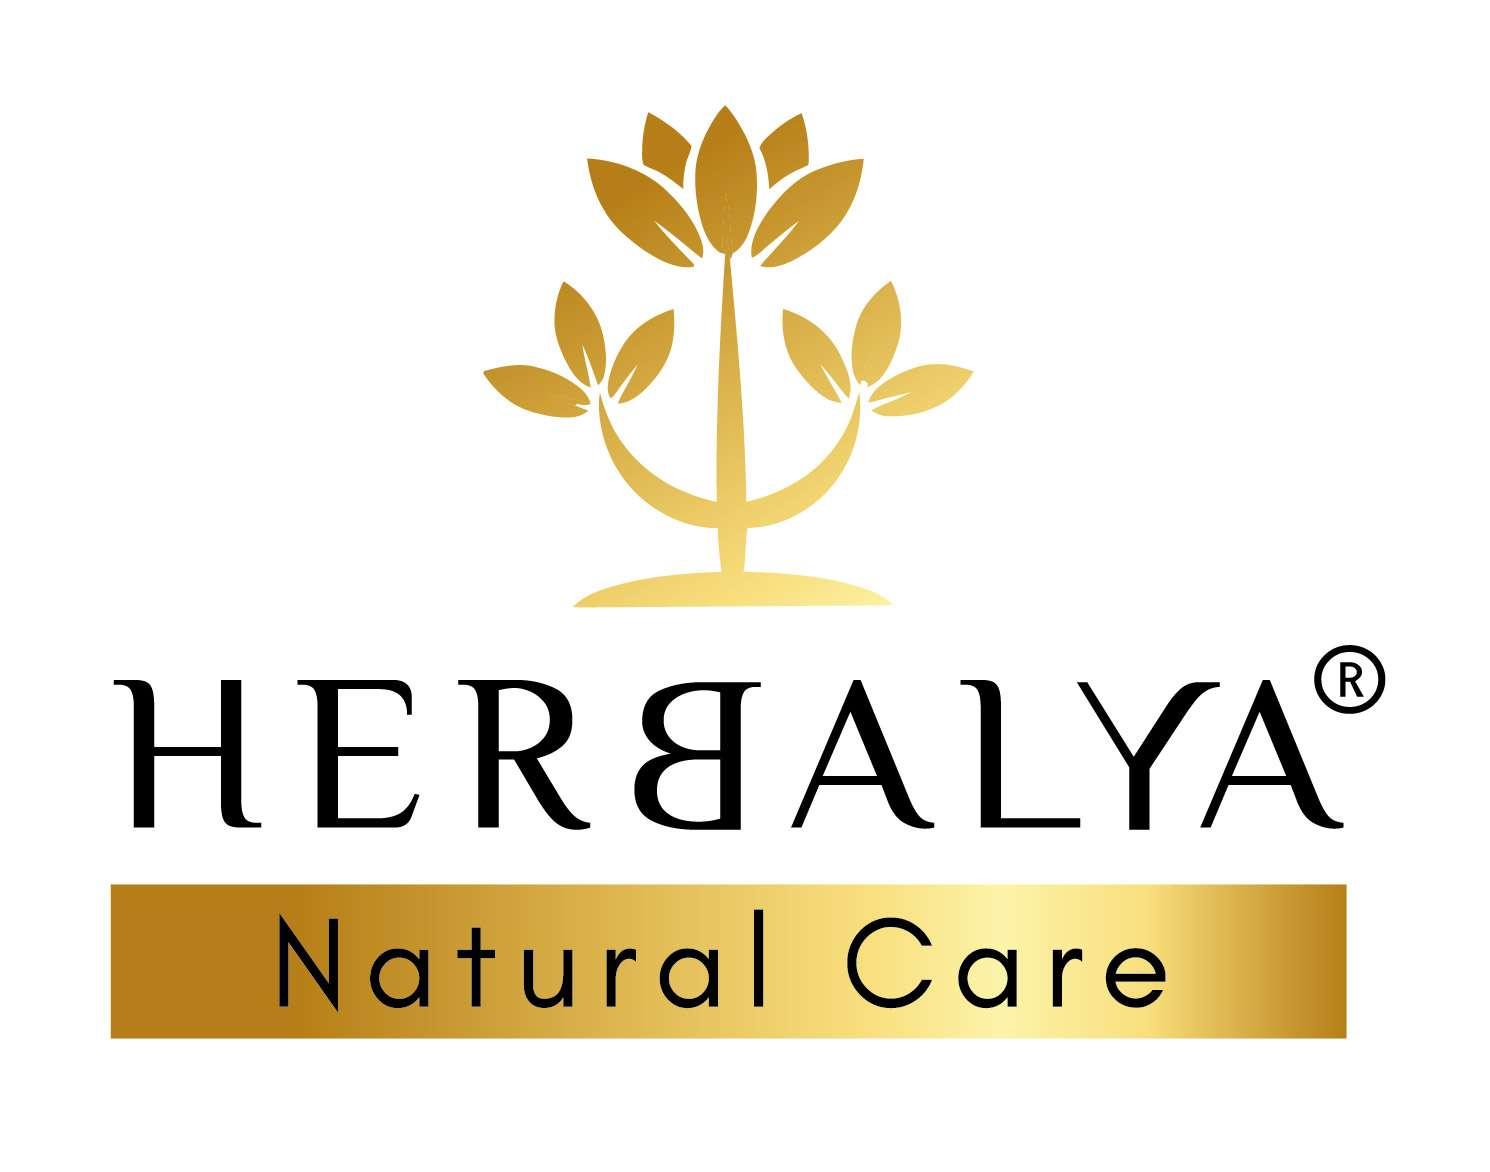 Herbalya Natural Care